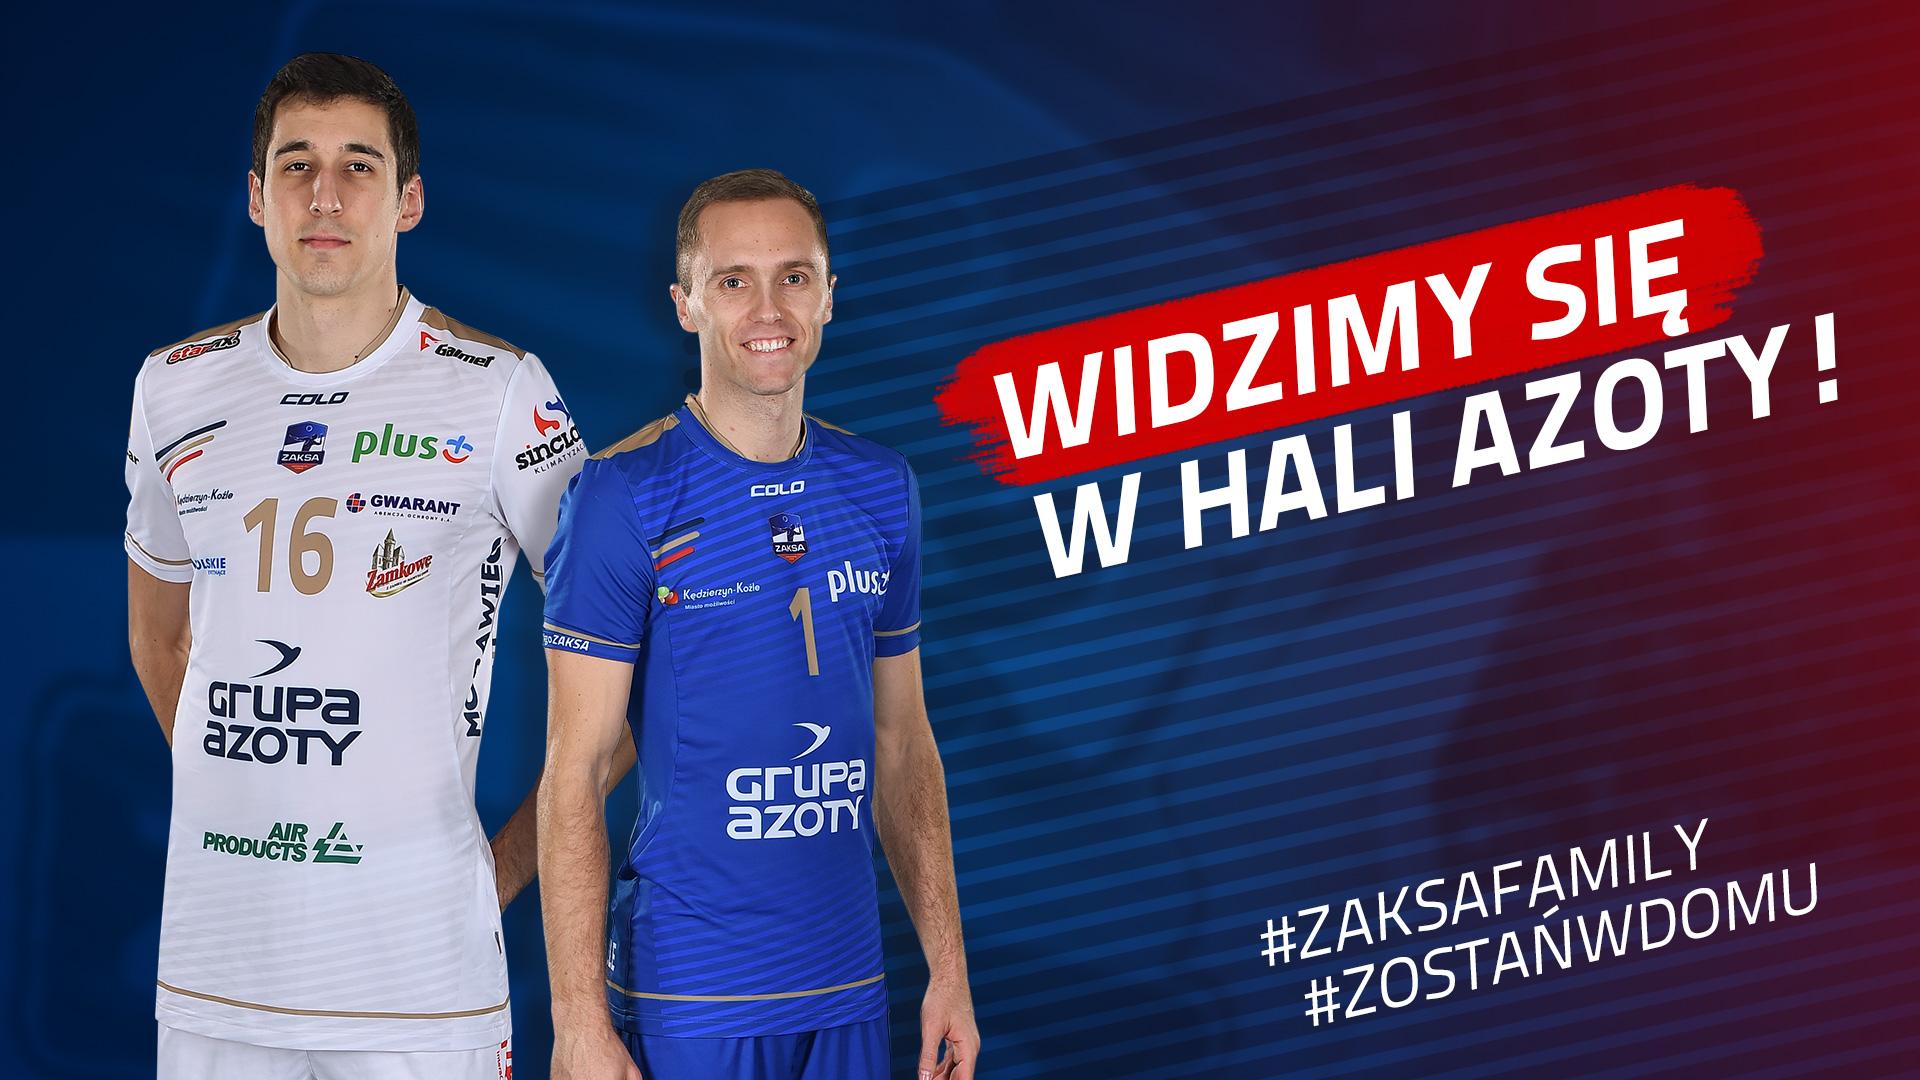 P. Zatorski i K. Rejno: Widzimy się w przyszłym sezonie!